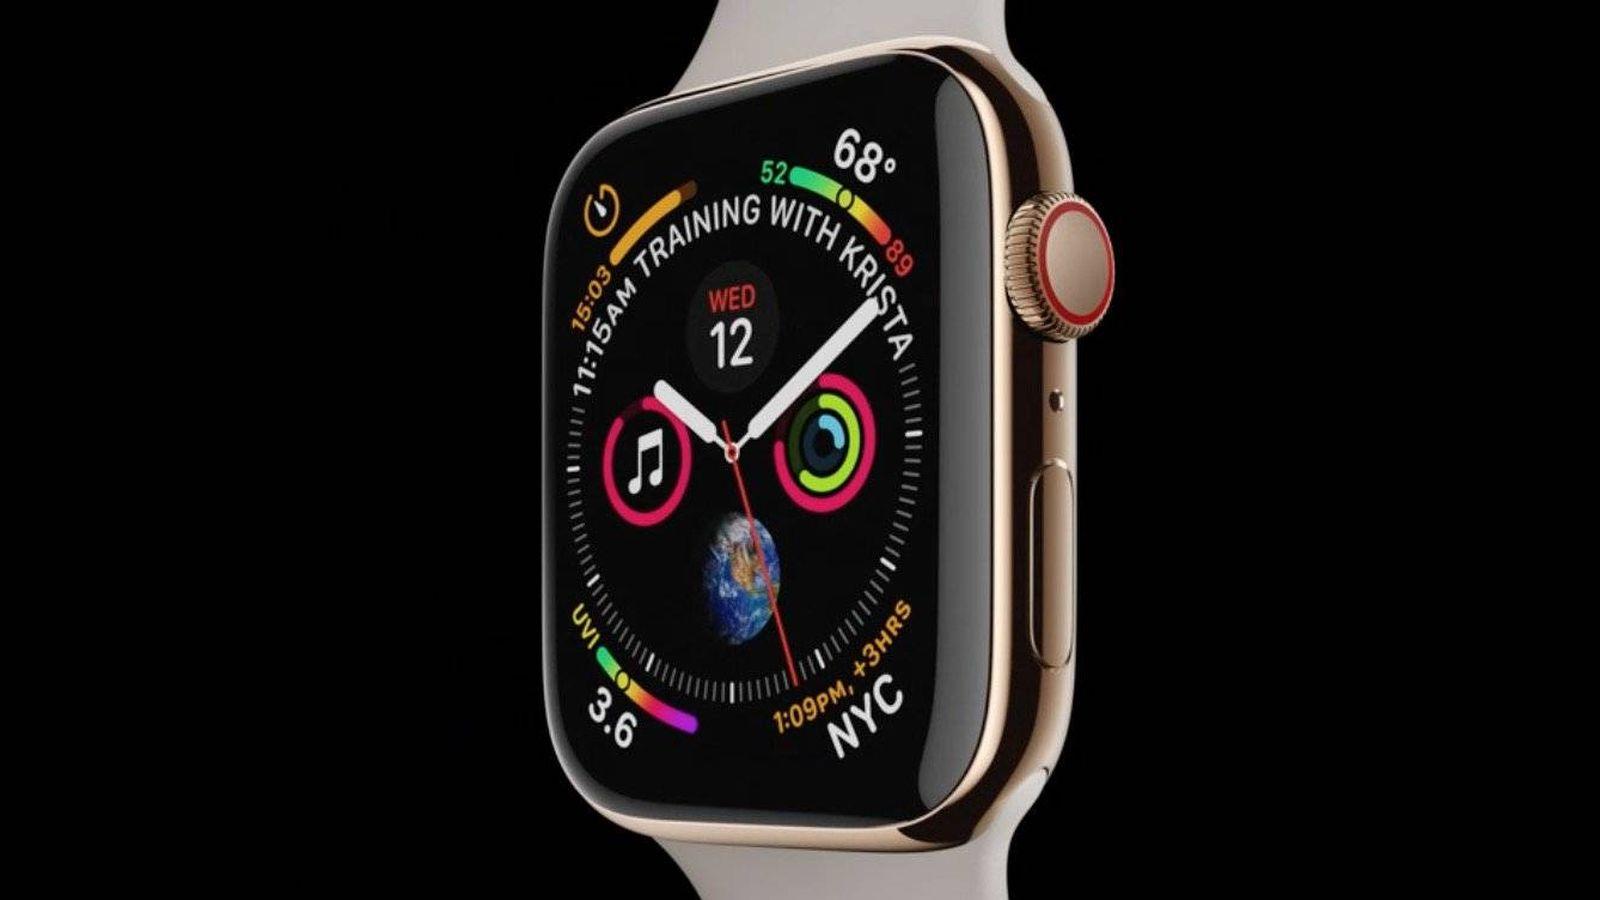 db0f242b430 Apple  Chapa y pintura para el Apple Watch Series 4  más pantalla y más  centrado en salud